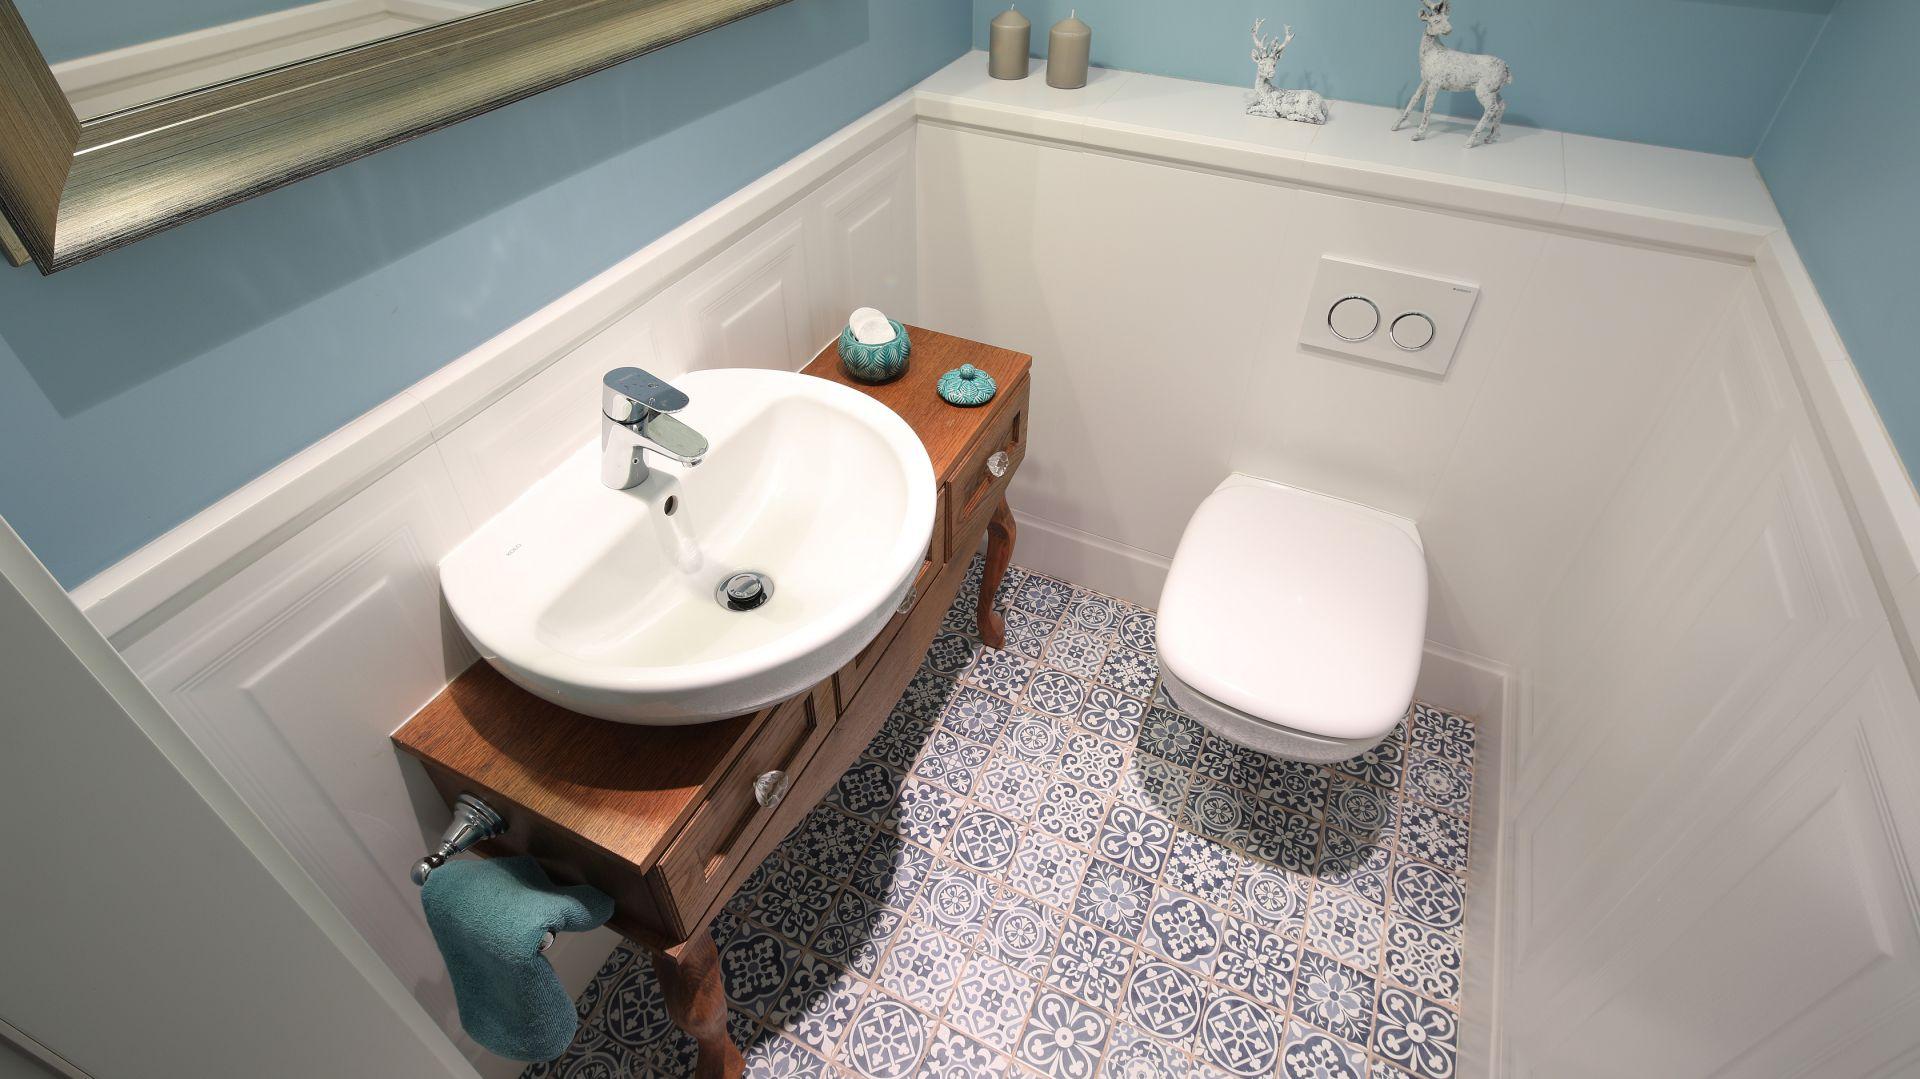 W toalecie dominuje klimat i kolorystyka Prowansji. Projekt: Ola Kołodziej, Ula Szmyt. Fot. Bartosz Jarosz